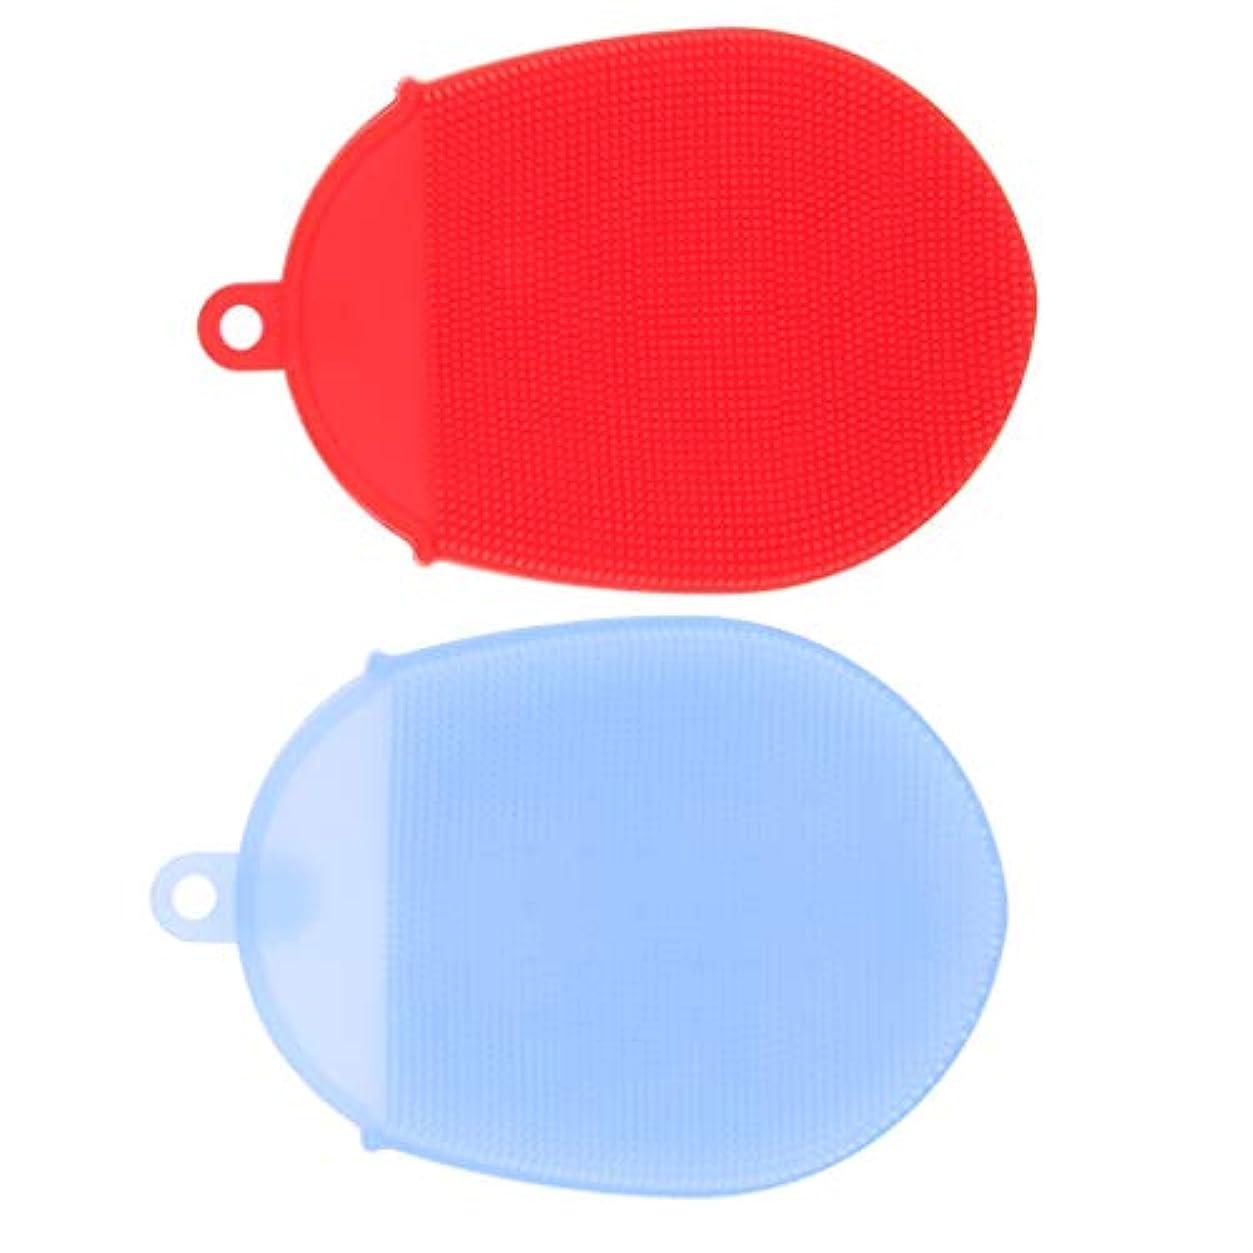 わざわざ出来事フクロウdailymall 2 /パックソフトシリコンボディスクラバーエクスフォリエイティンググローブシャワークレンジングブラシ、スパマッサージスキンケアツール-レッド&ブルー